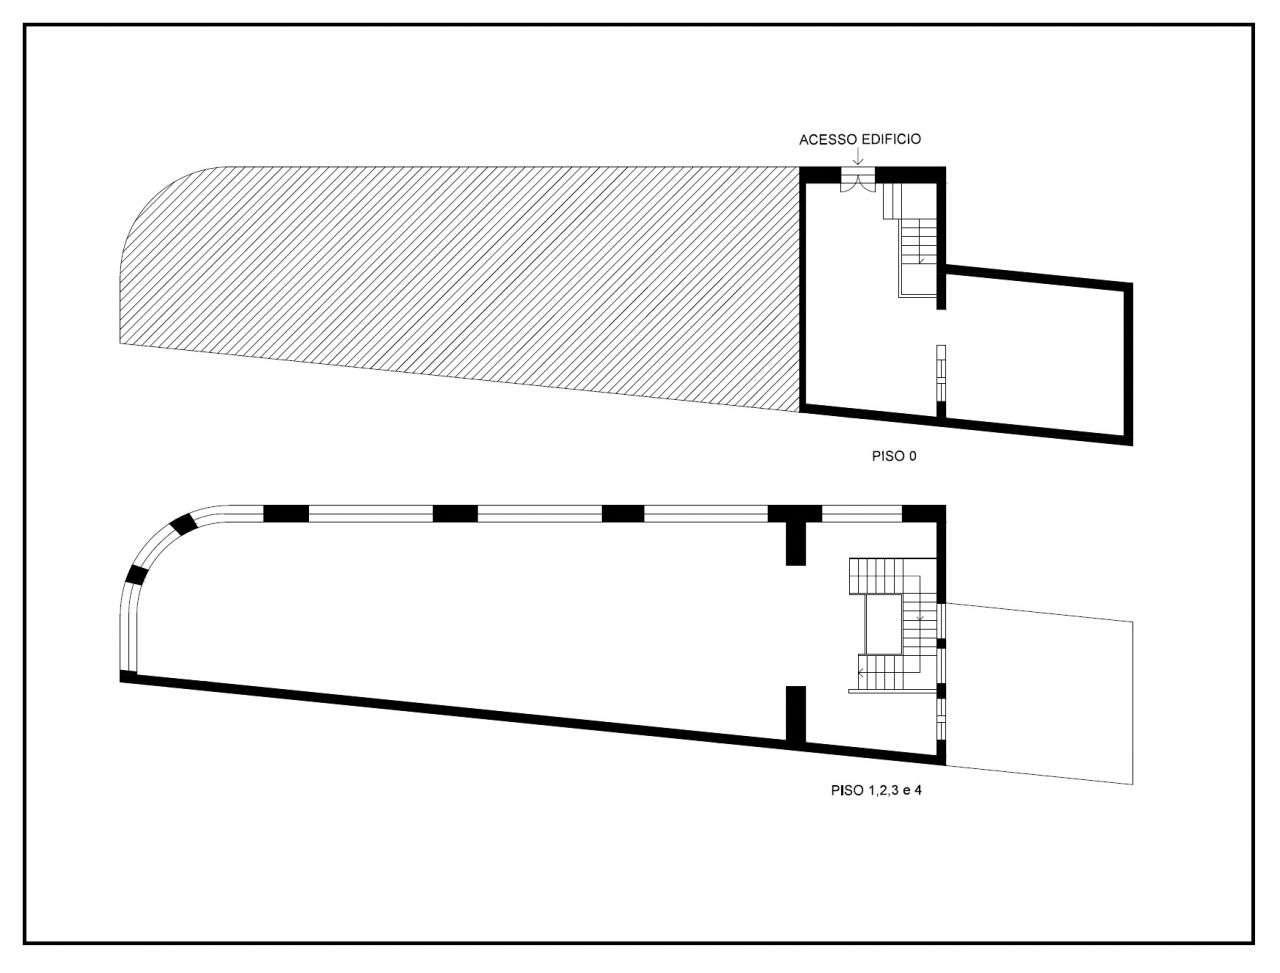 Prédio para arrendar, Cedofeita, Santo Ildefonso, Sé, Miragaia, São Nicolau e Vitória, Porto - Foto 6